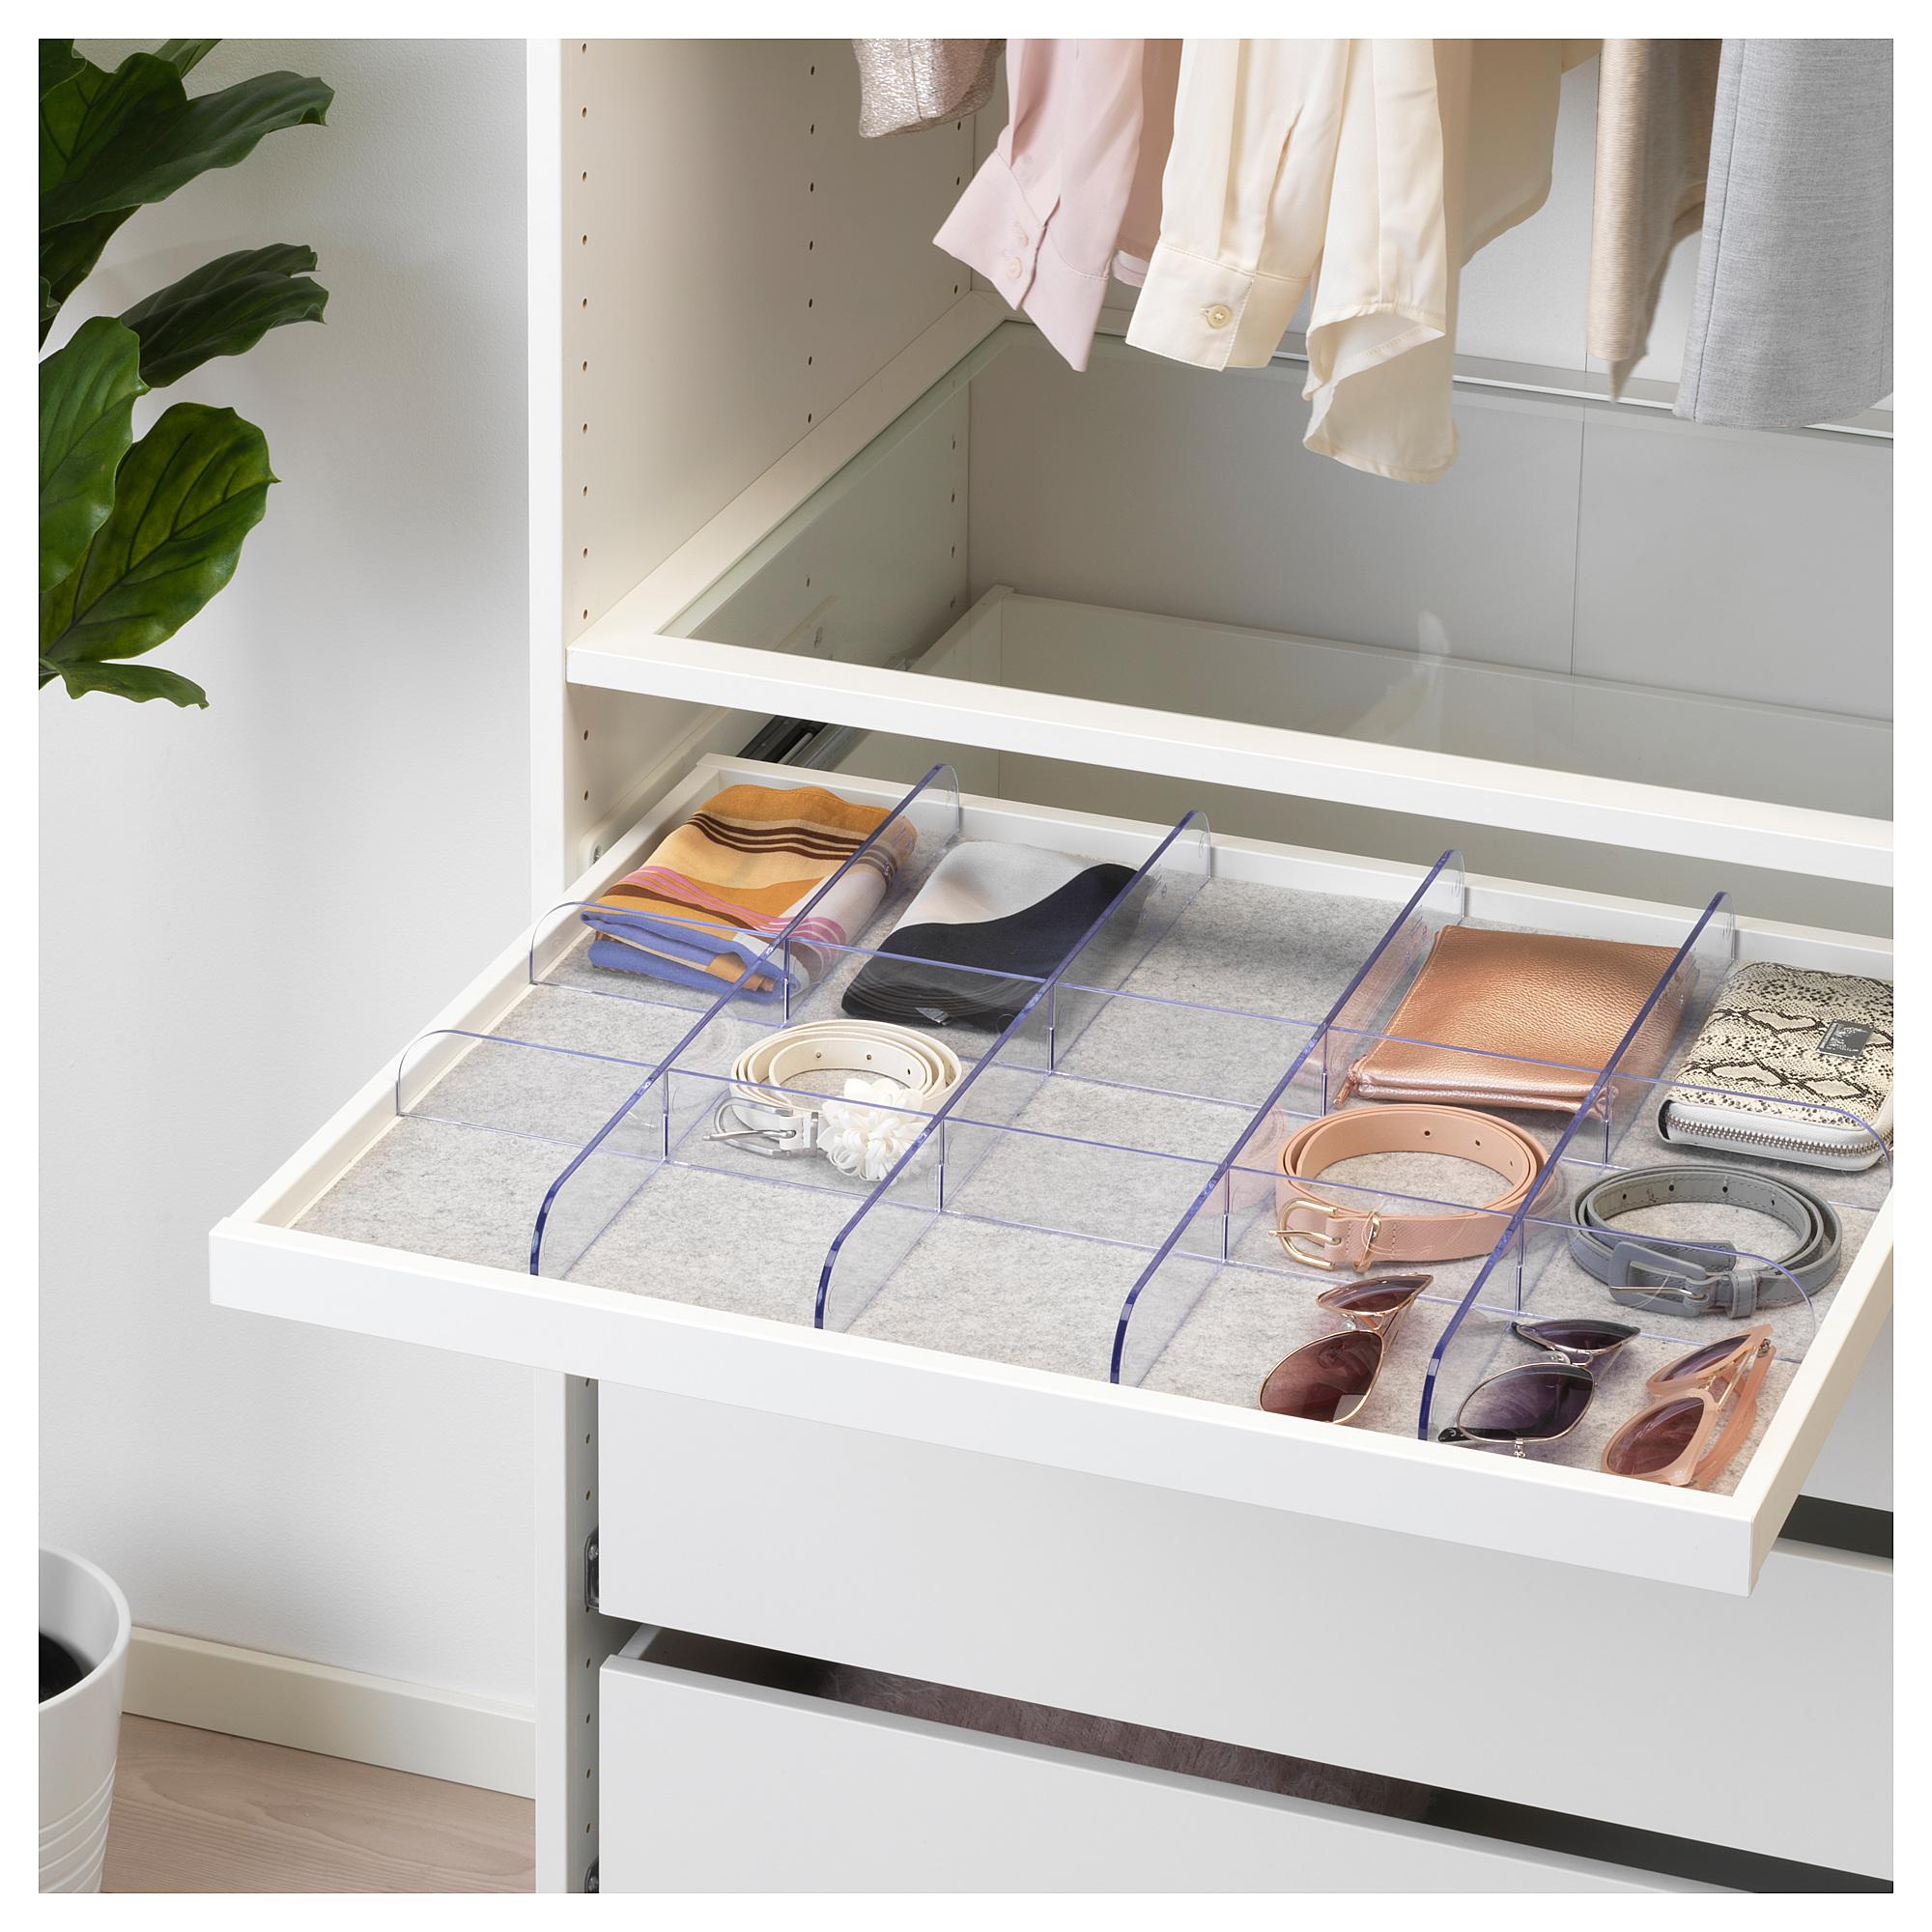 Komplement Trennsteg Fur Ausziehboden Transparent Ikea